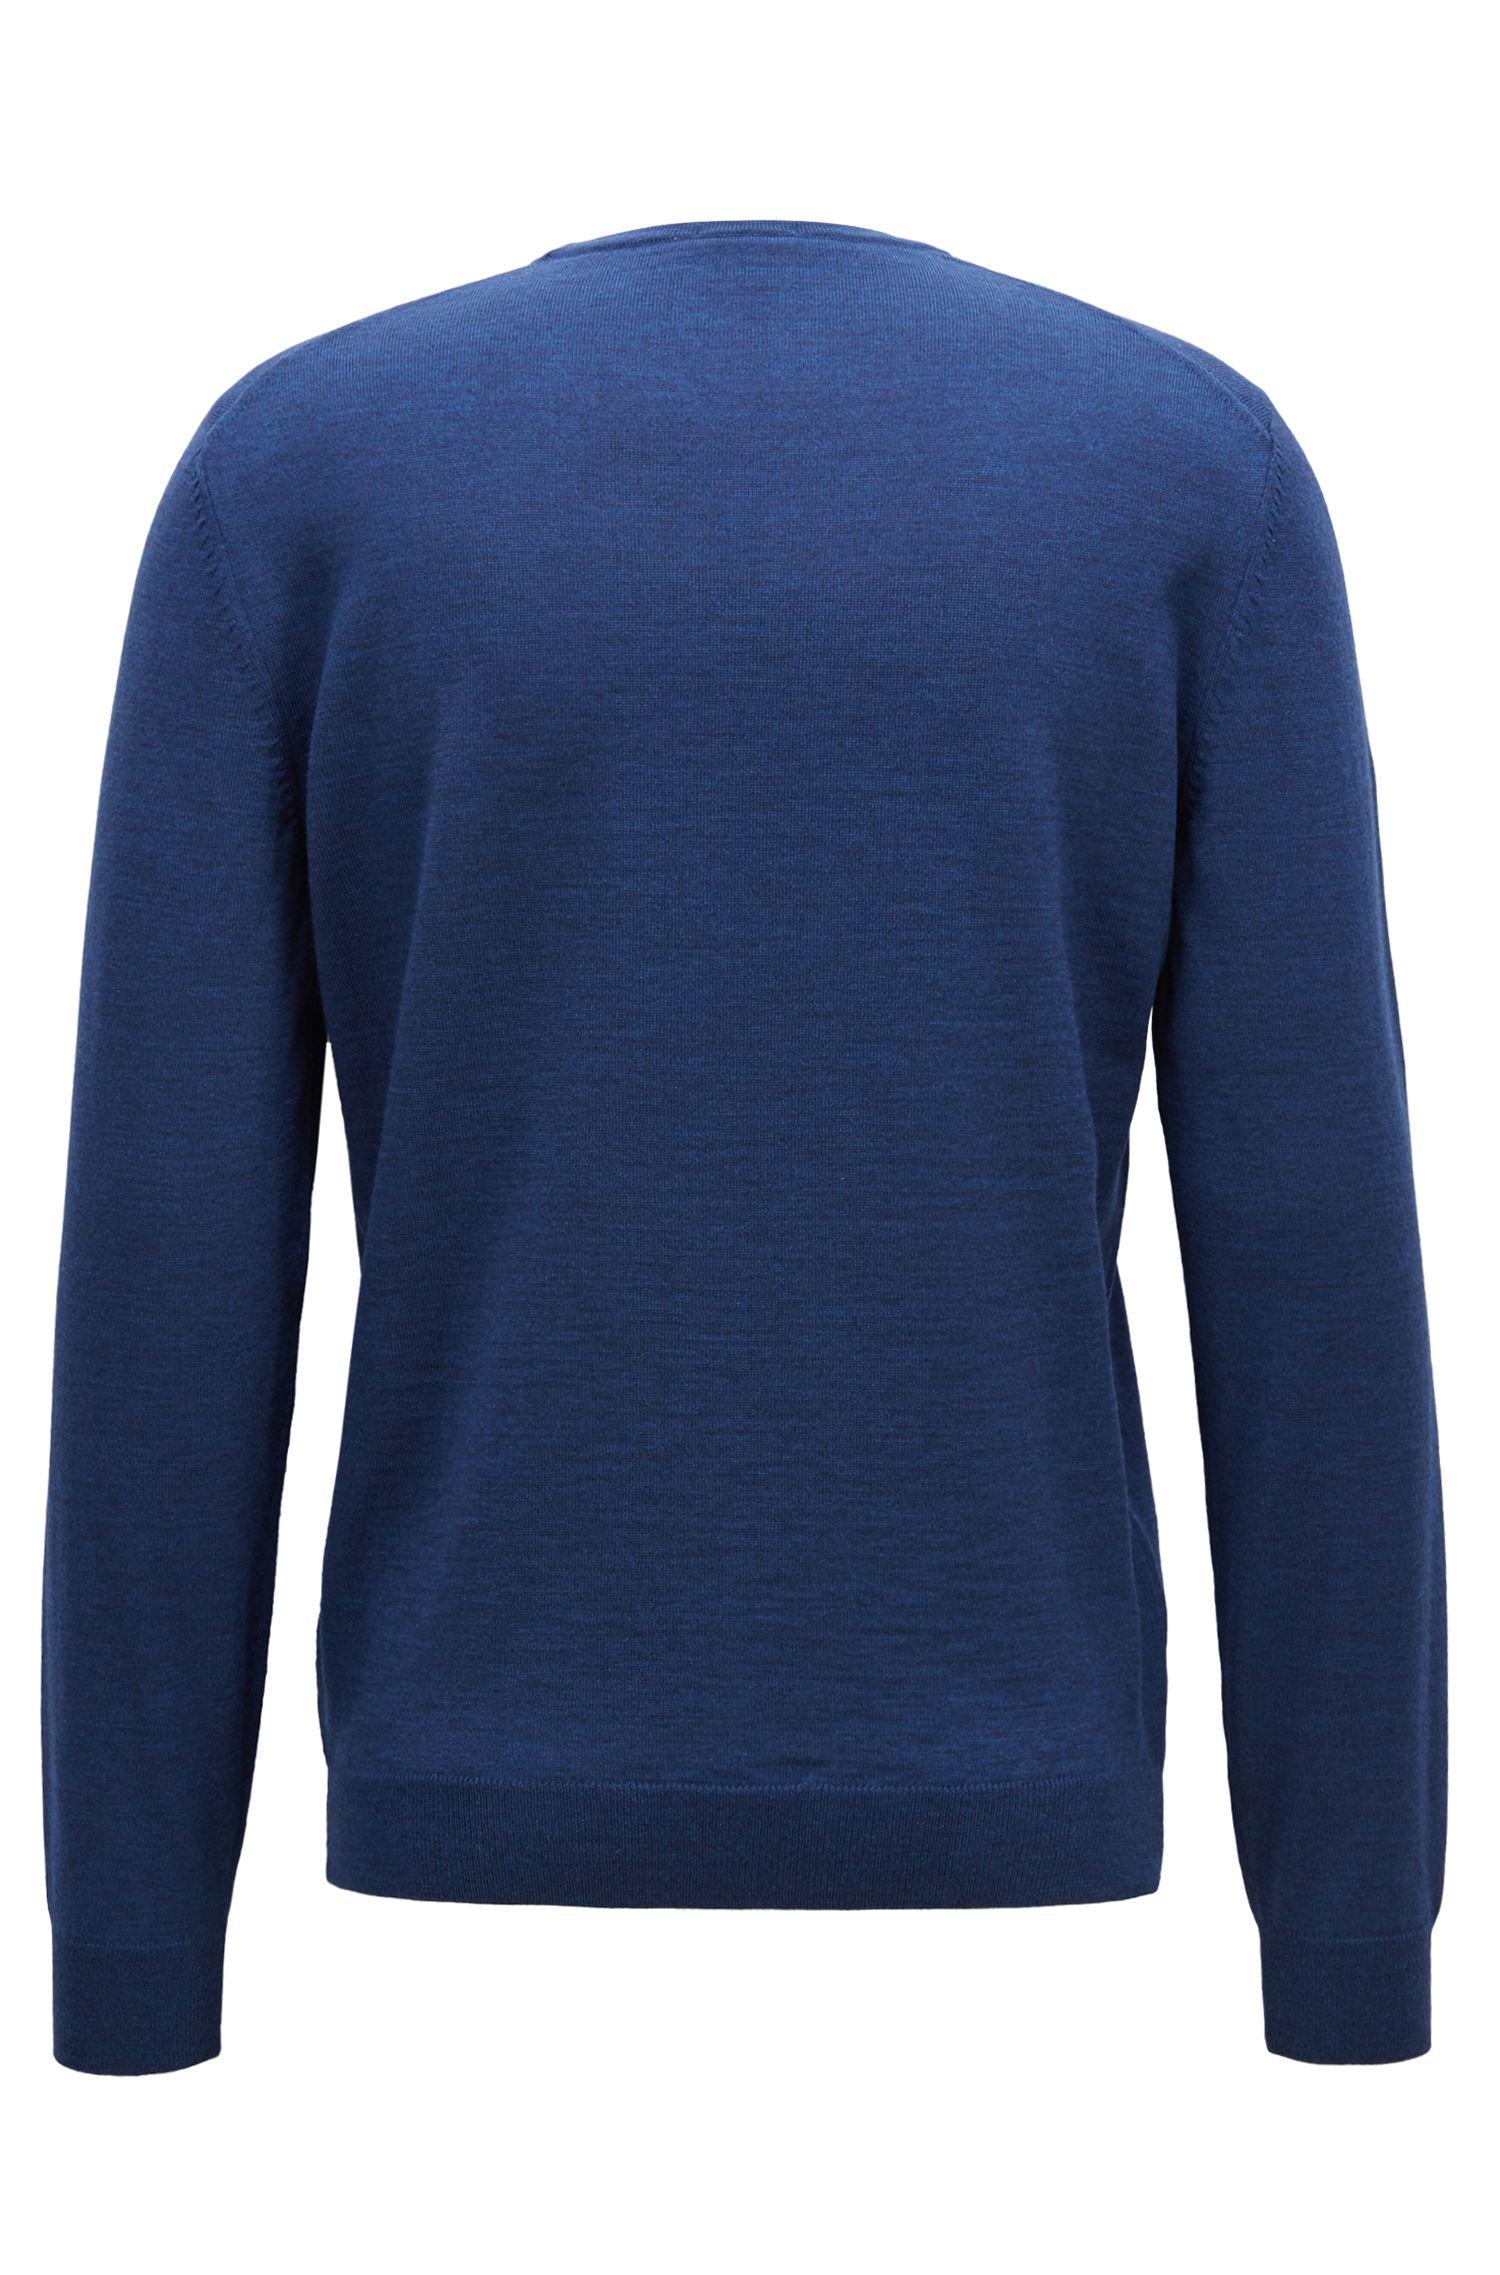 Regular-Fit Pullover aus Schurwolle mit V-Ausschnitt, Blau